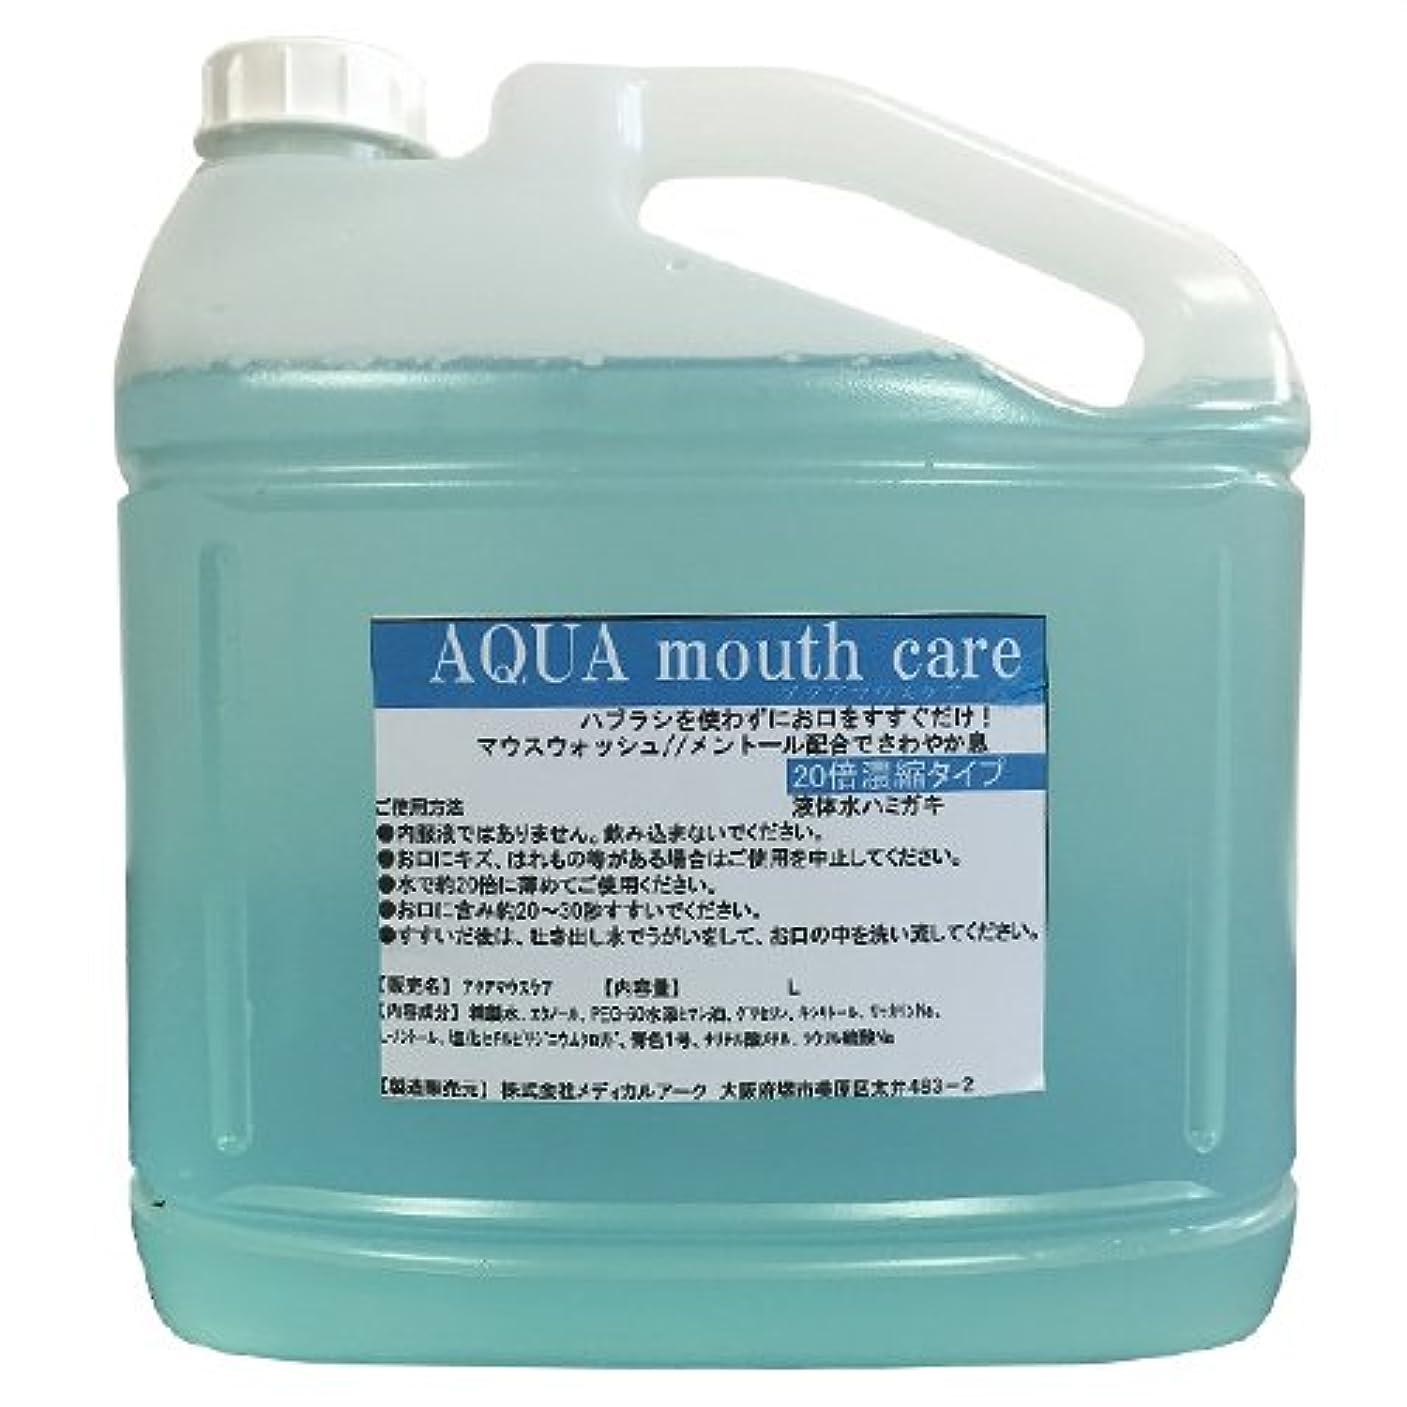 氏具体的に勇者業務用洗口液 マウスウォッシュ アクアマウスケア (AQUA mouth care) 20倍濃縮タイプ 5L (詰め替えコック付き)